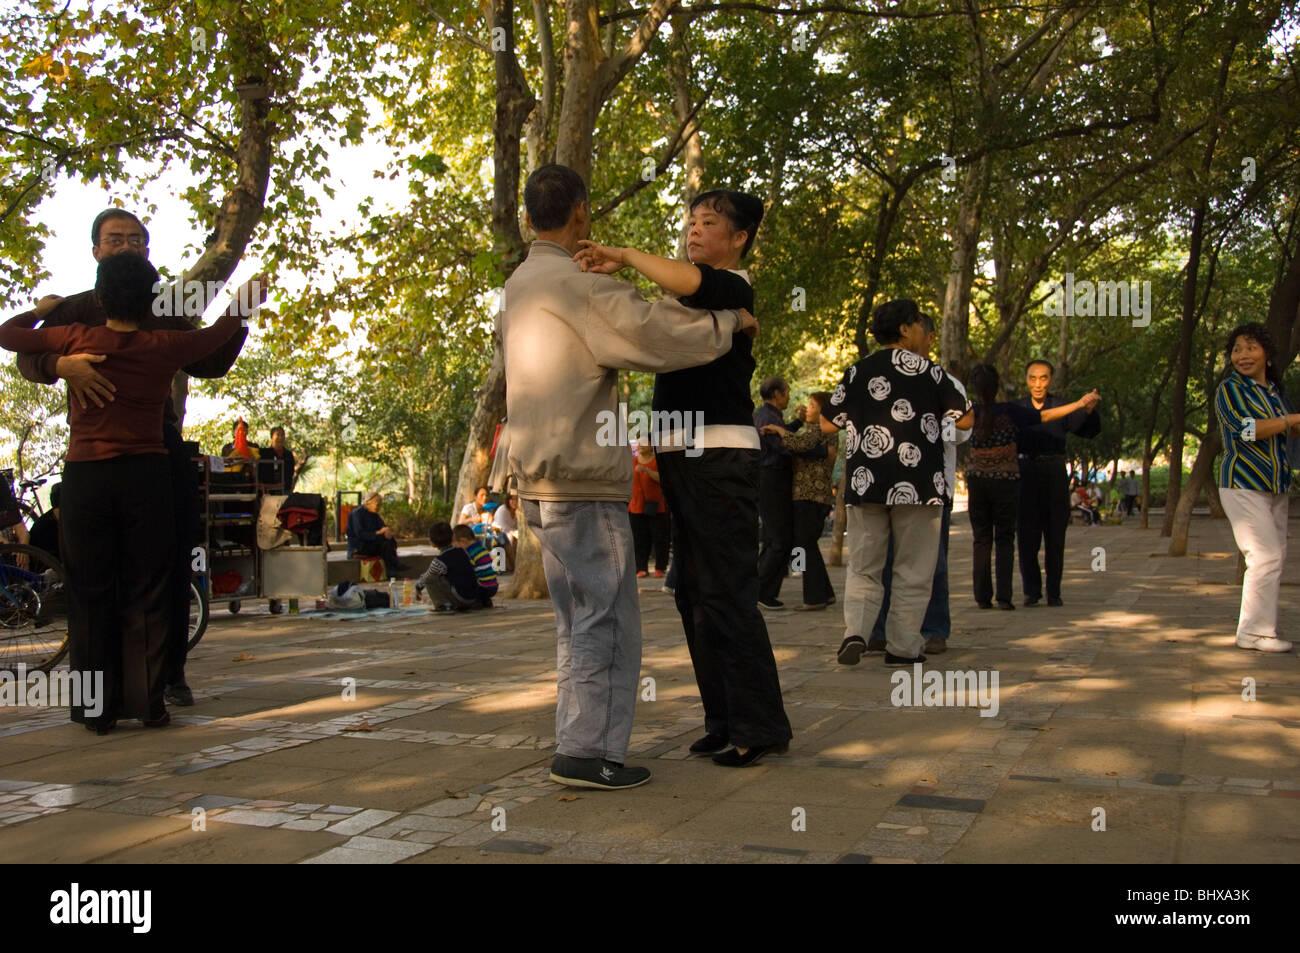 Dancing in the open air in a park in Jiujiang. Jiangxi province, China. - Stock Image